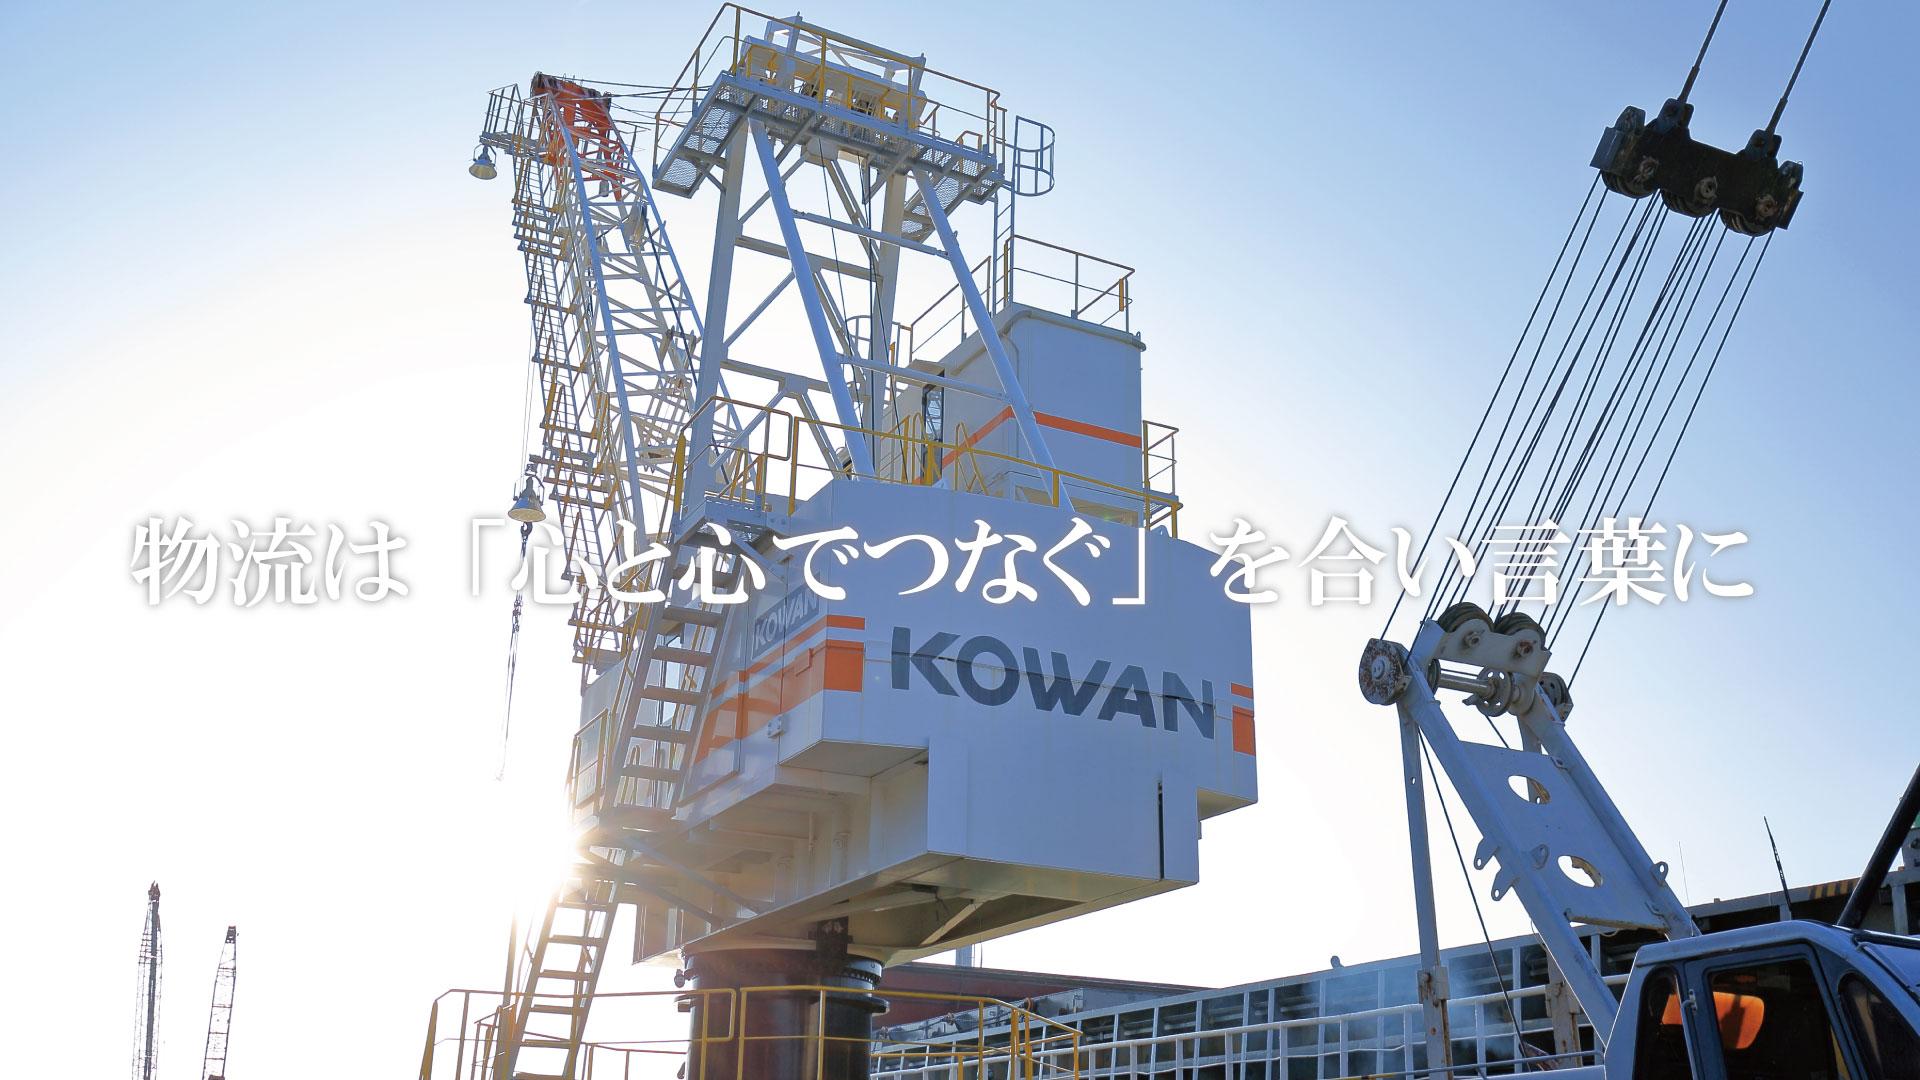 コーワン 株式会社 リクルート トップ 画像03